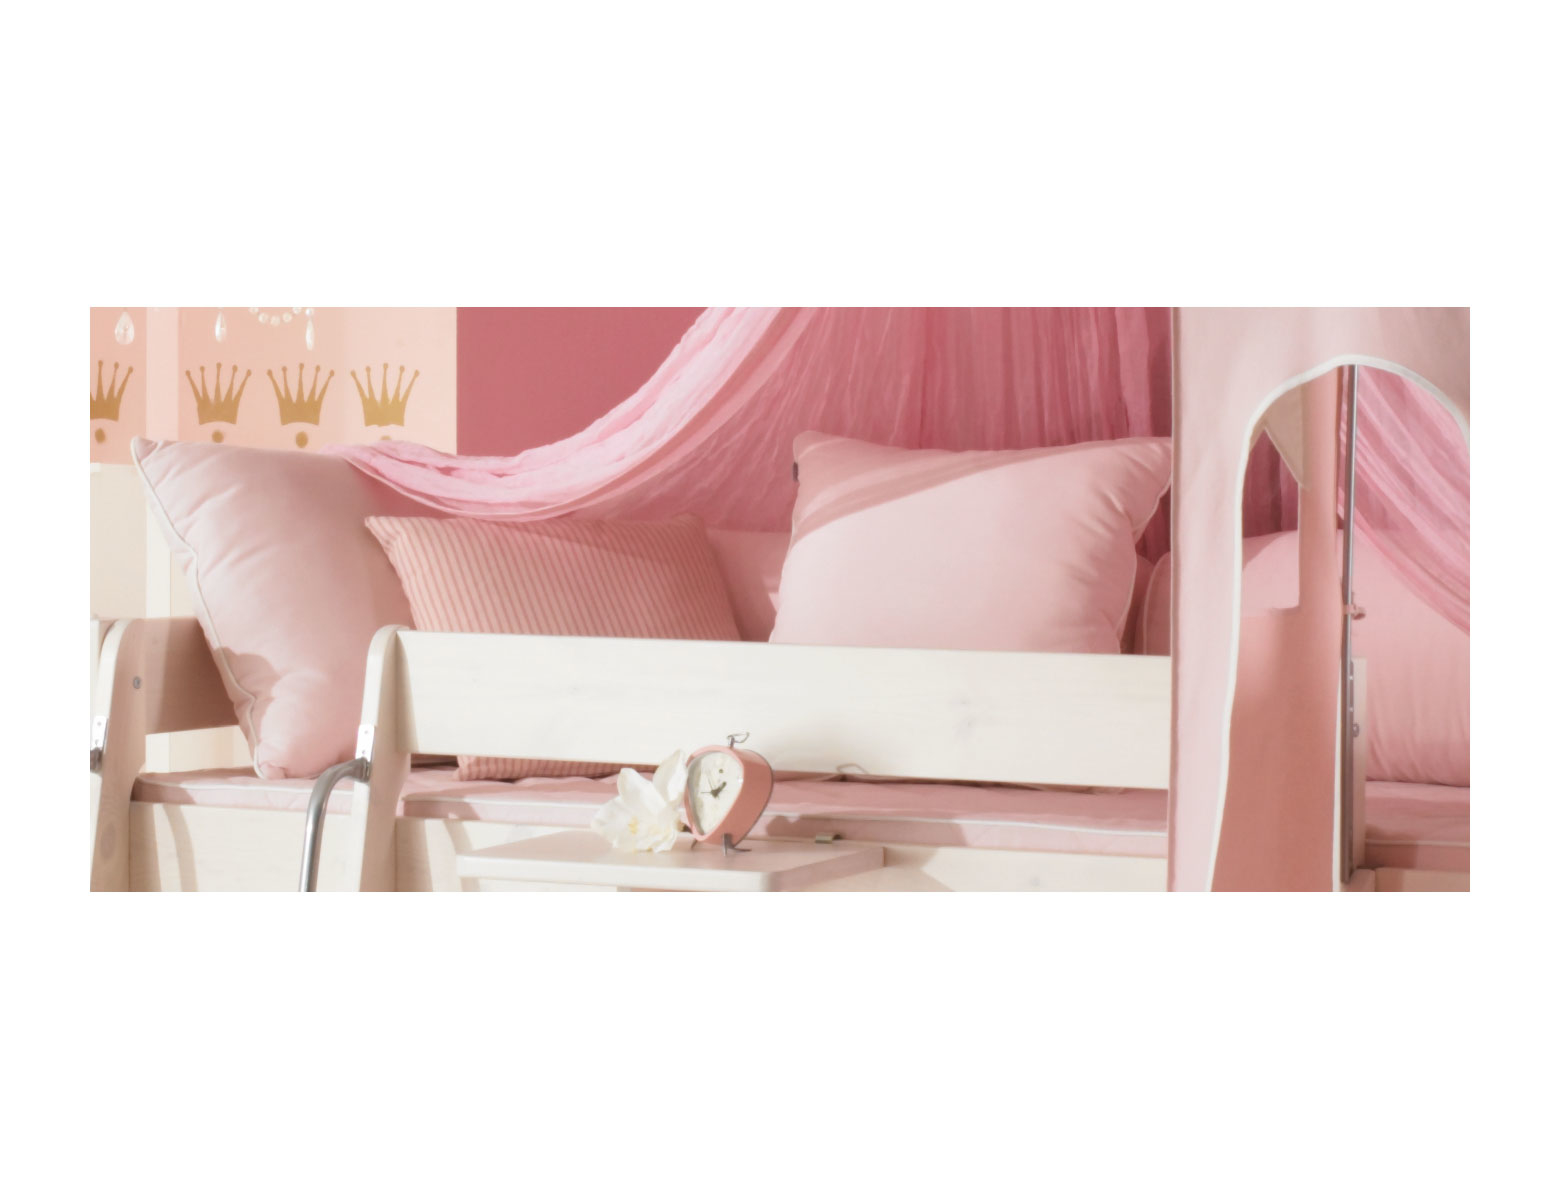 Dolphin Moby halbhohes Prinzessinnenbett mit Himmel, weiß-rosa, Bild 4